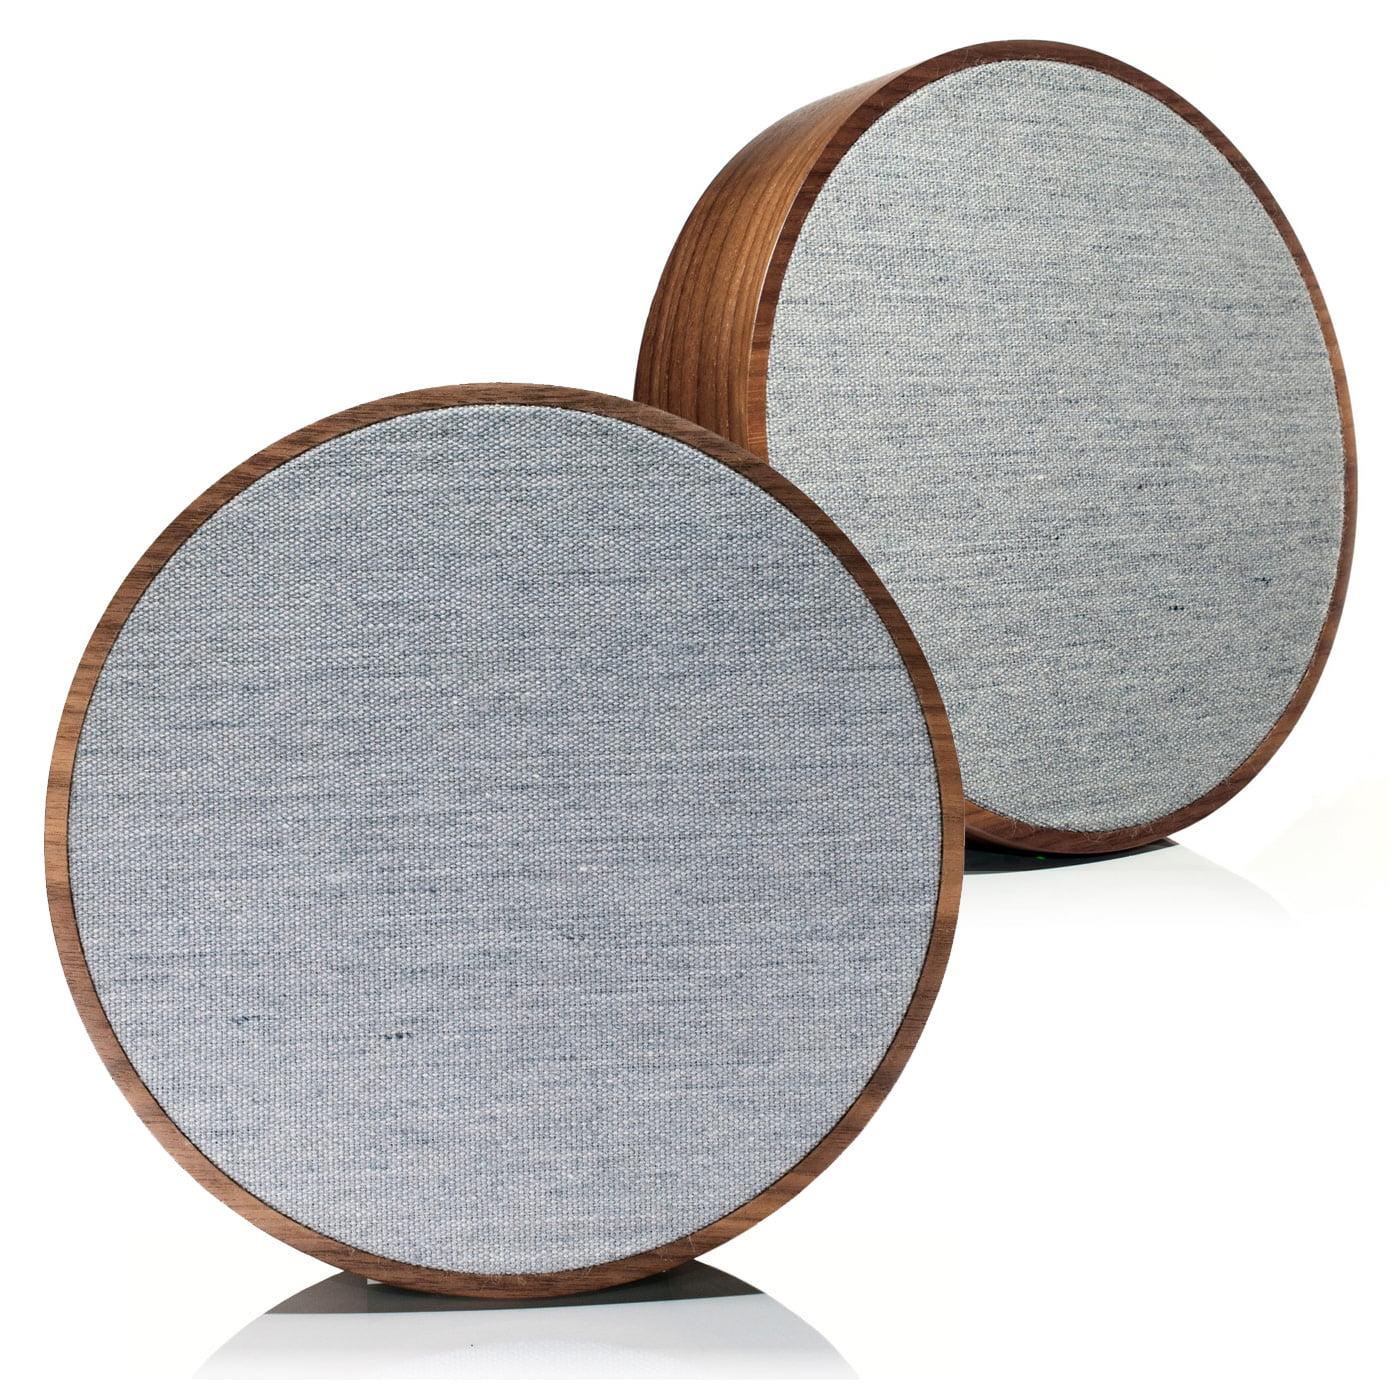 Tivoli Audio SPHERA Speakers Pair by Tivoli Audio